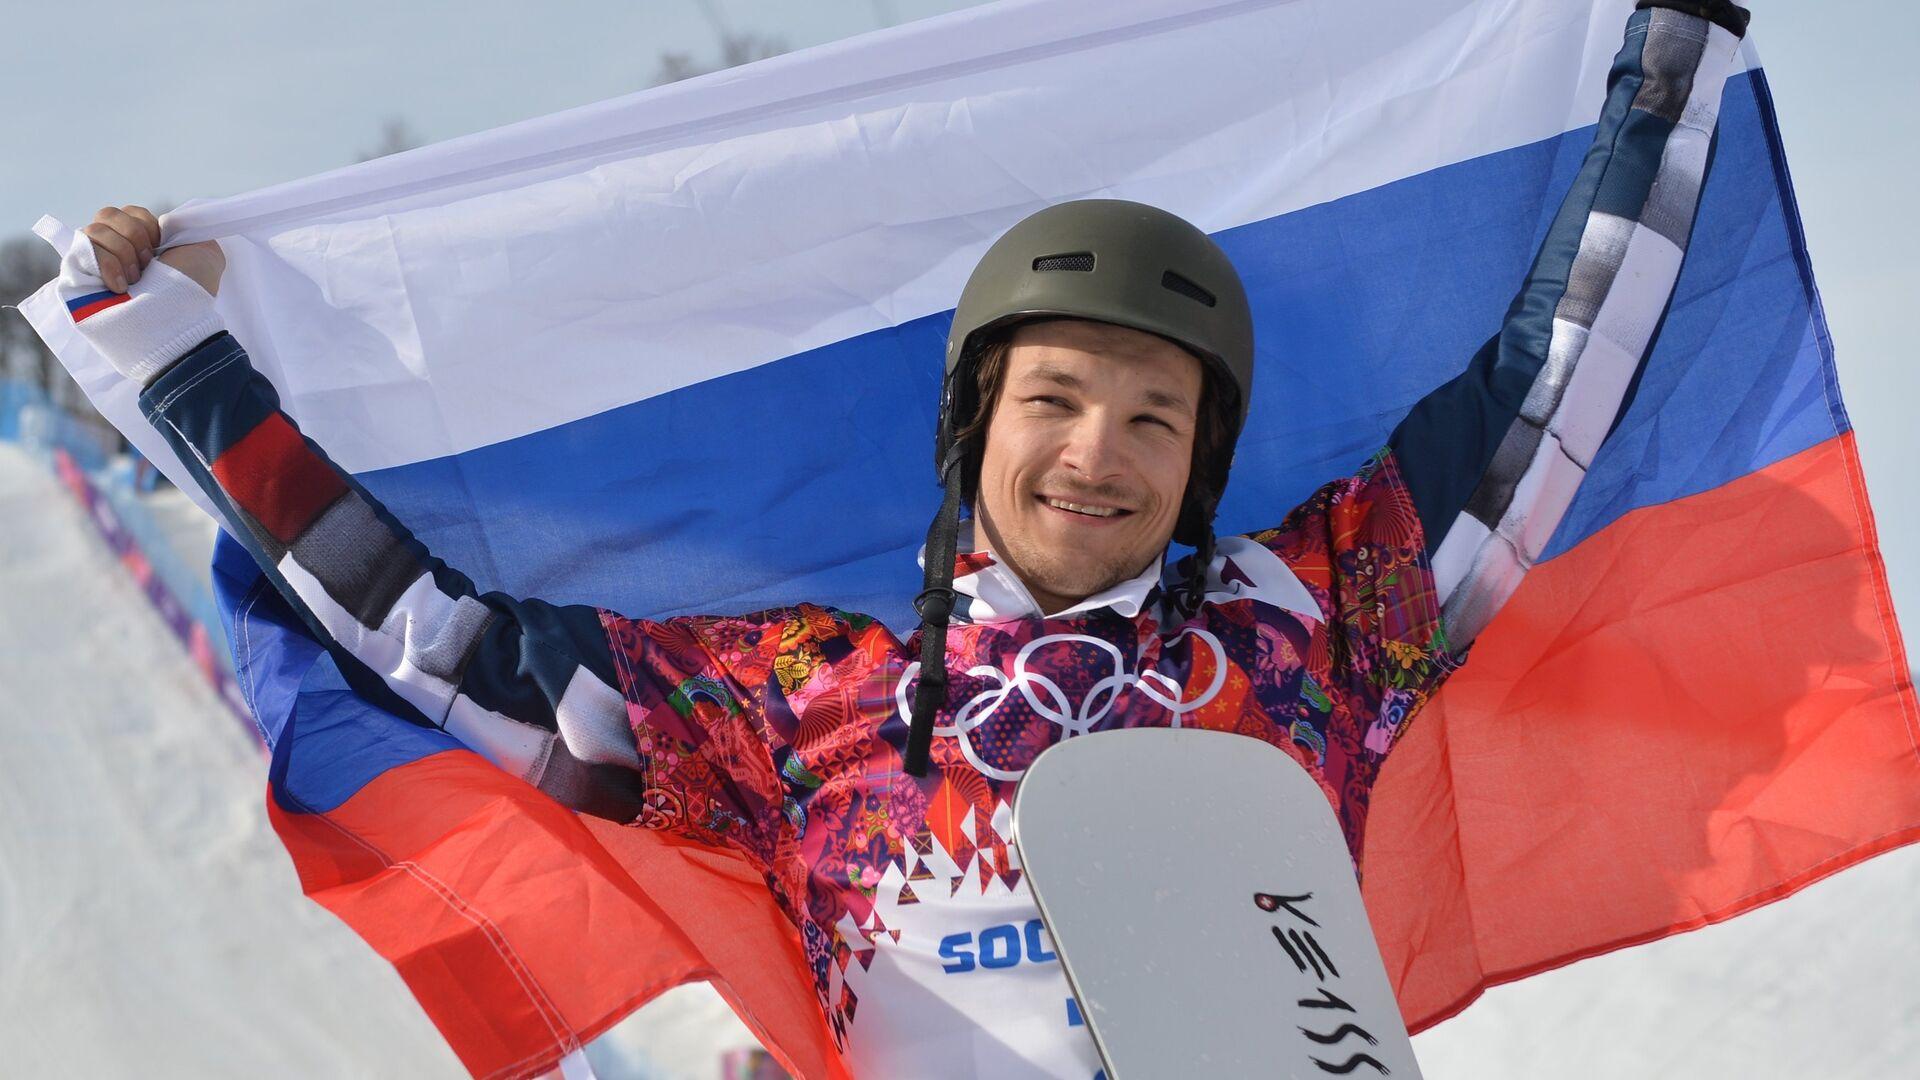 Сноубордист Вик Уайлд, завоевавший золотую медаль в параллельном слаломе среди мужчин во время соревнований по сноуборду на XXII зимних Олимпийских играх в Сочи - РИА Новости, 1920, 28.10.2020